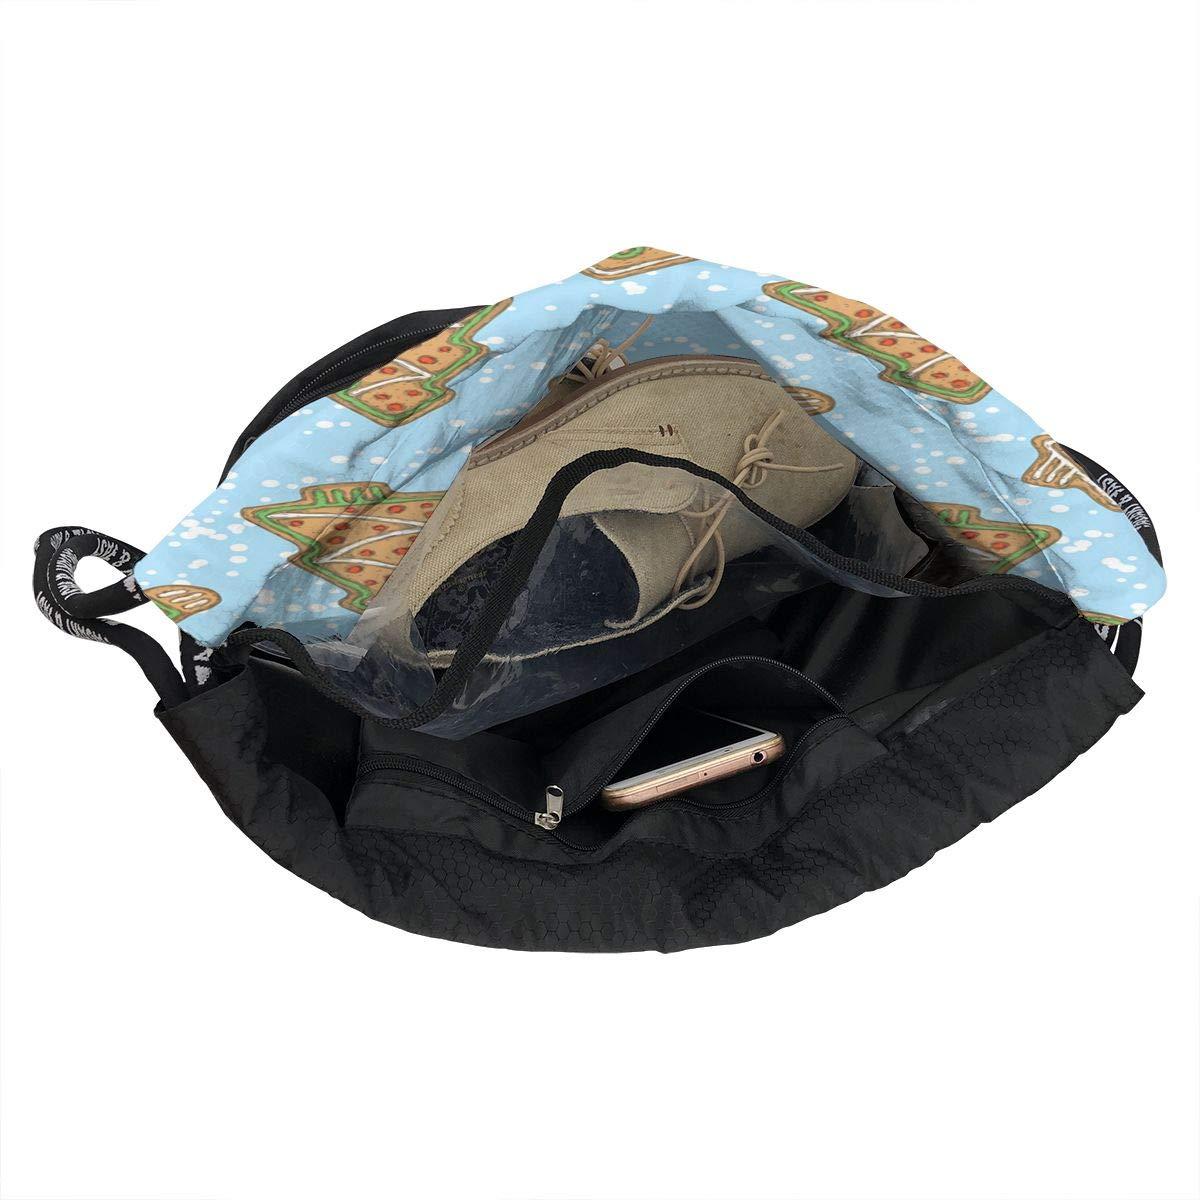 HUOPR5Q Gingerbread-Man-House-and-Tree Drawstring Backpack Sport Gym Sack Shoulder Bulk Bag Dance Bag for School Travel